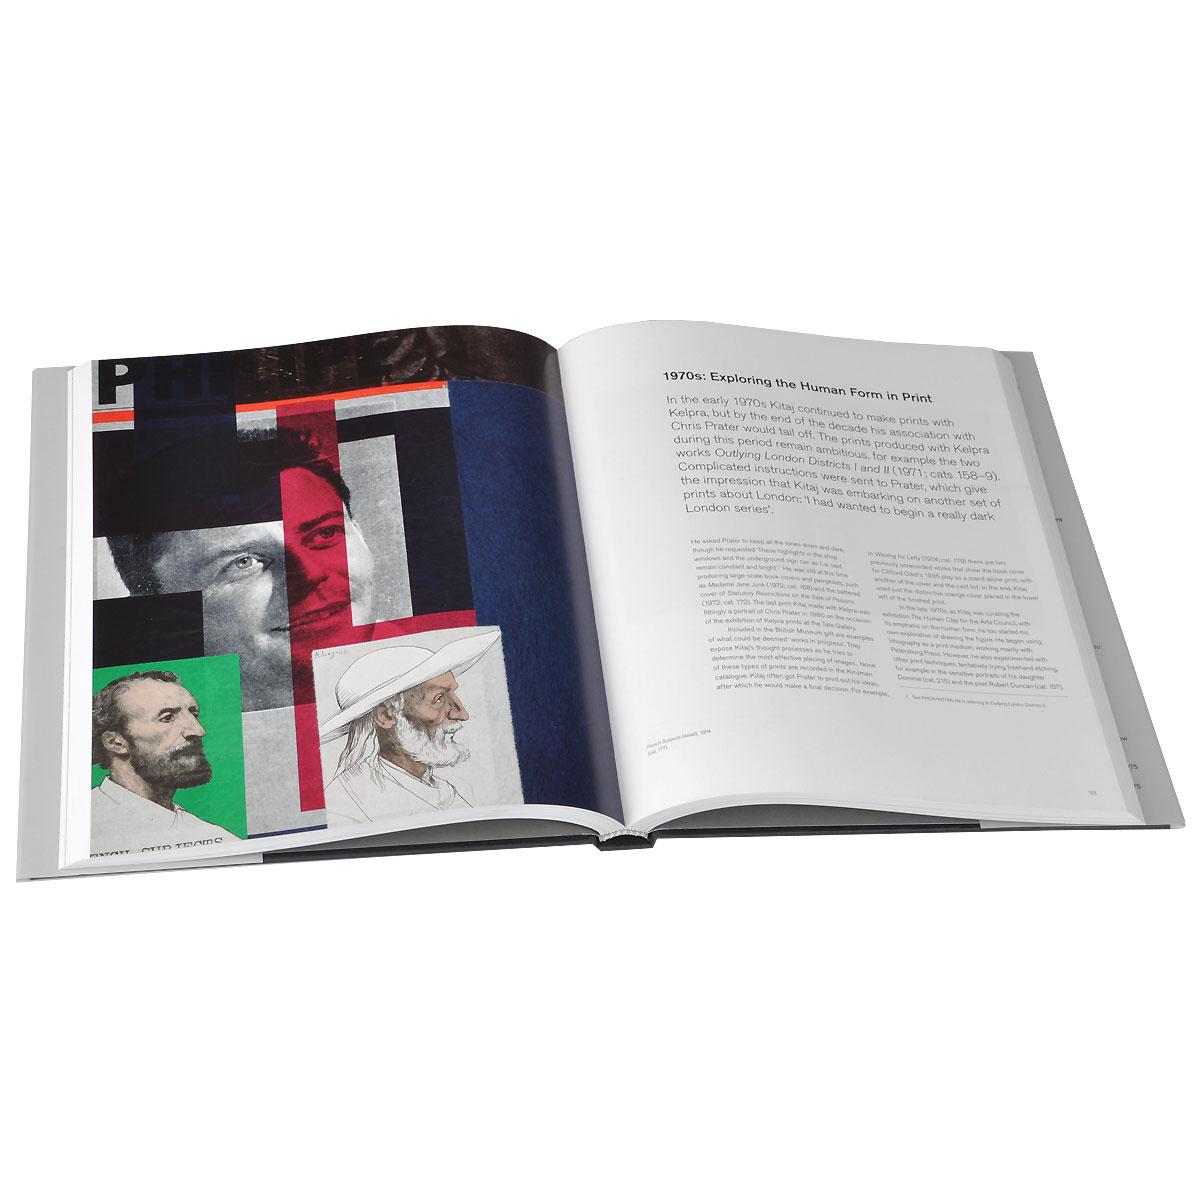 Kitaj Prints: A Catalogue Raisonne